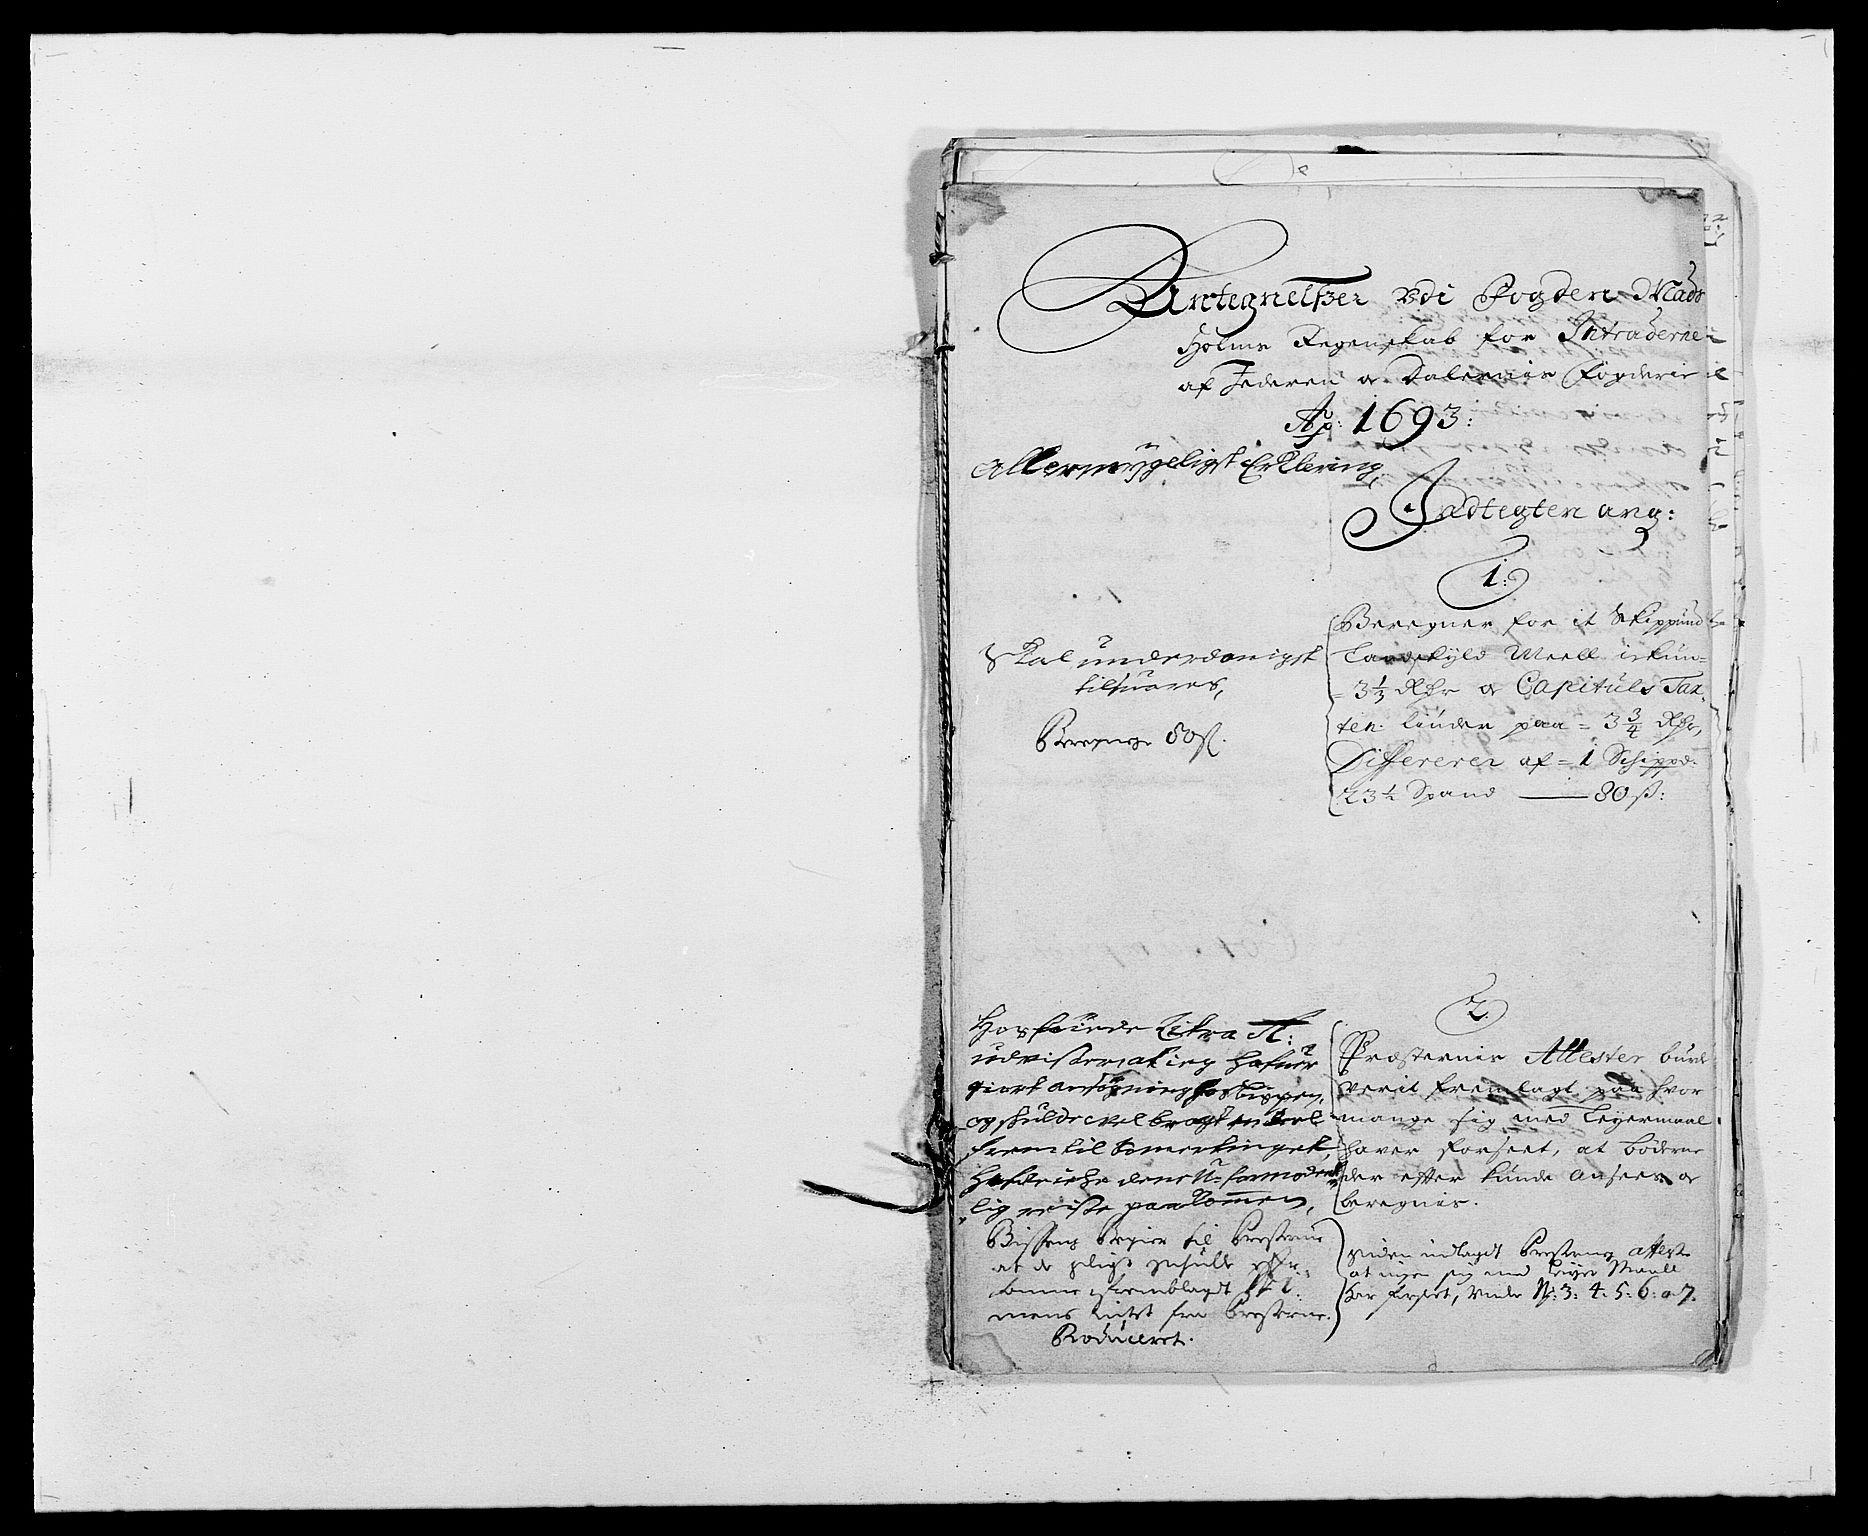 RA, Rentekammeret inntil 1814, Reviderte regnskaper, Fogderegnskap, R46/L2727: Fogderegnskap Jæren og Dalane, 1690-1693, s. 278